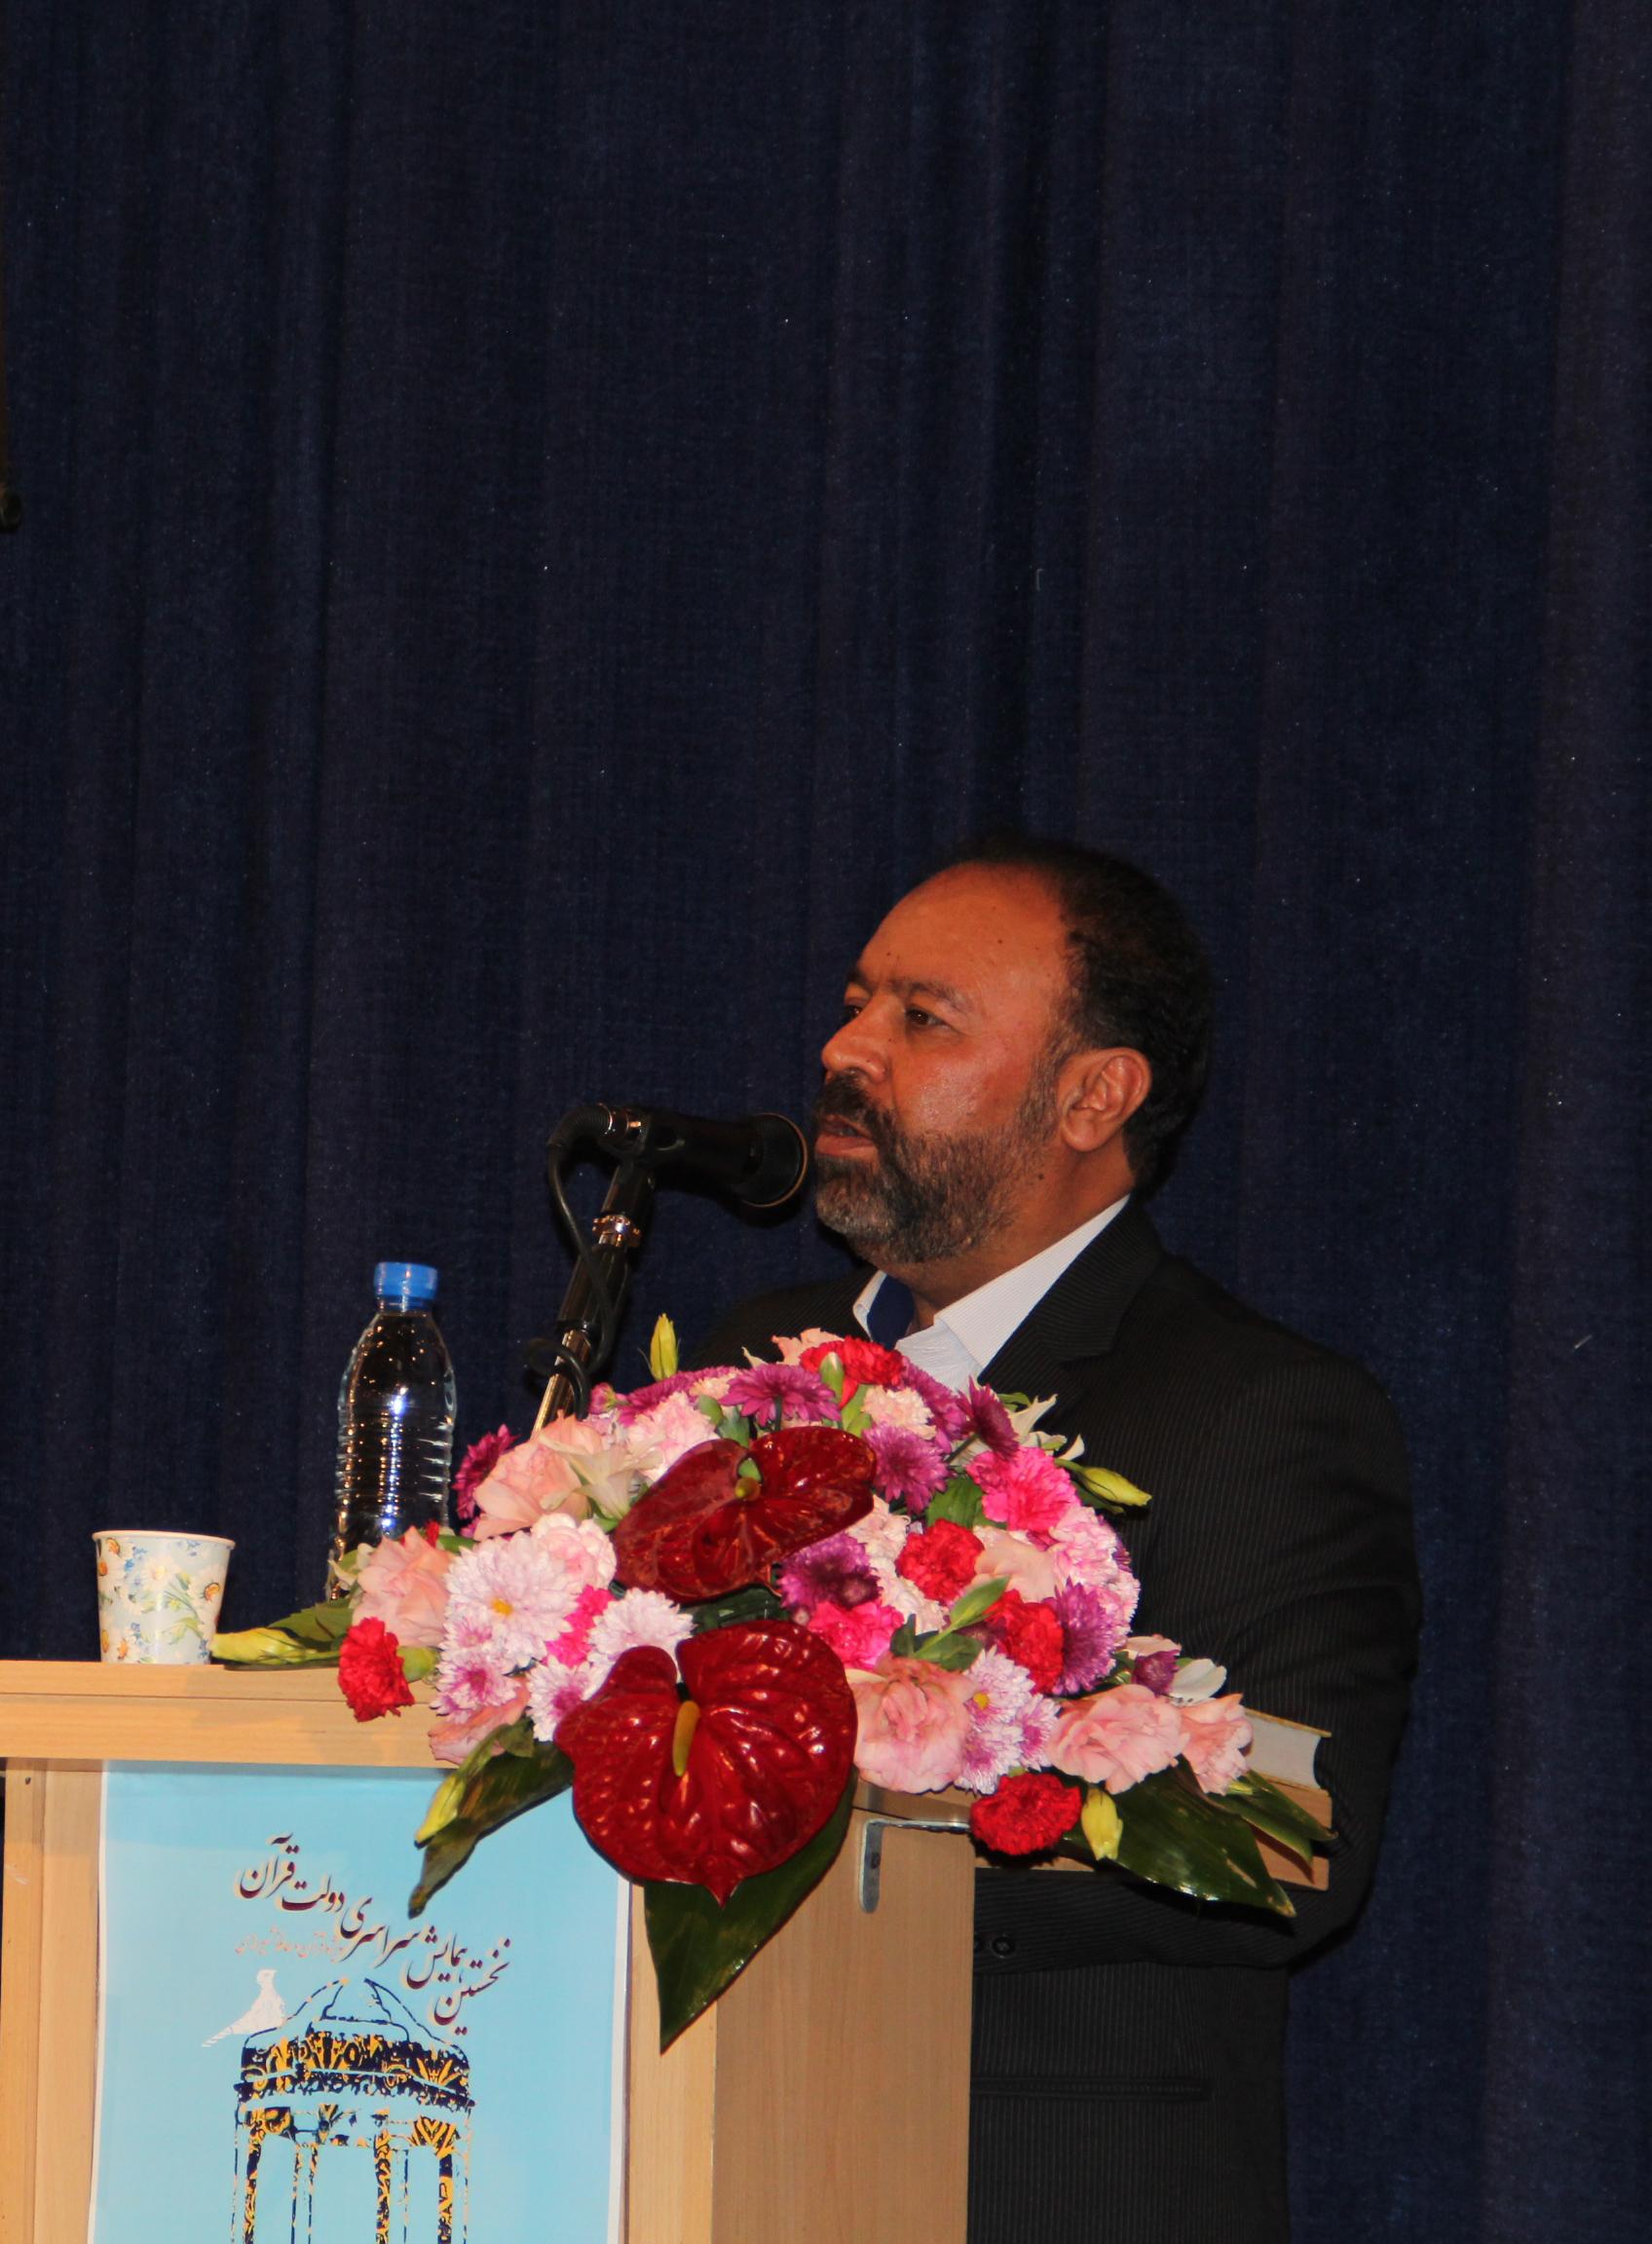 افتتاحیه نخستین همایش سراسری دولت قرآن